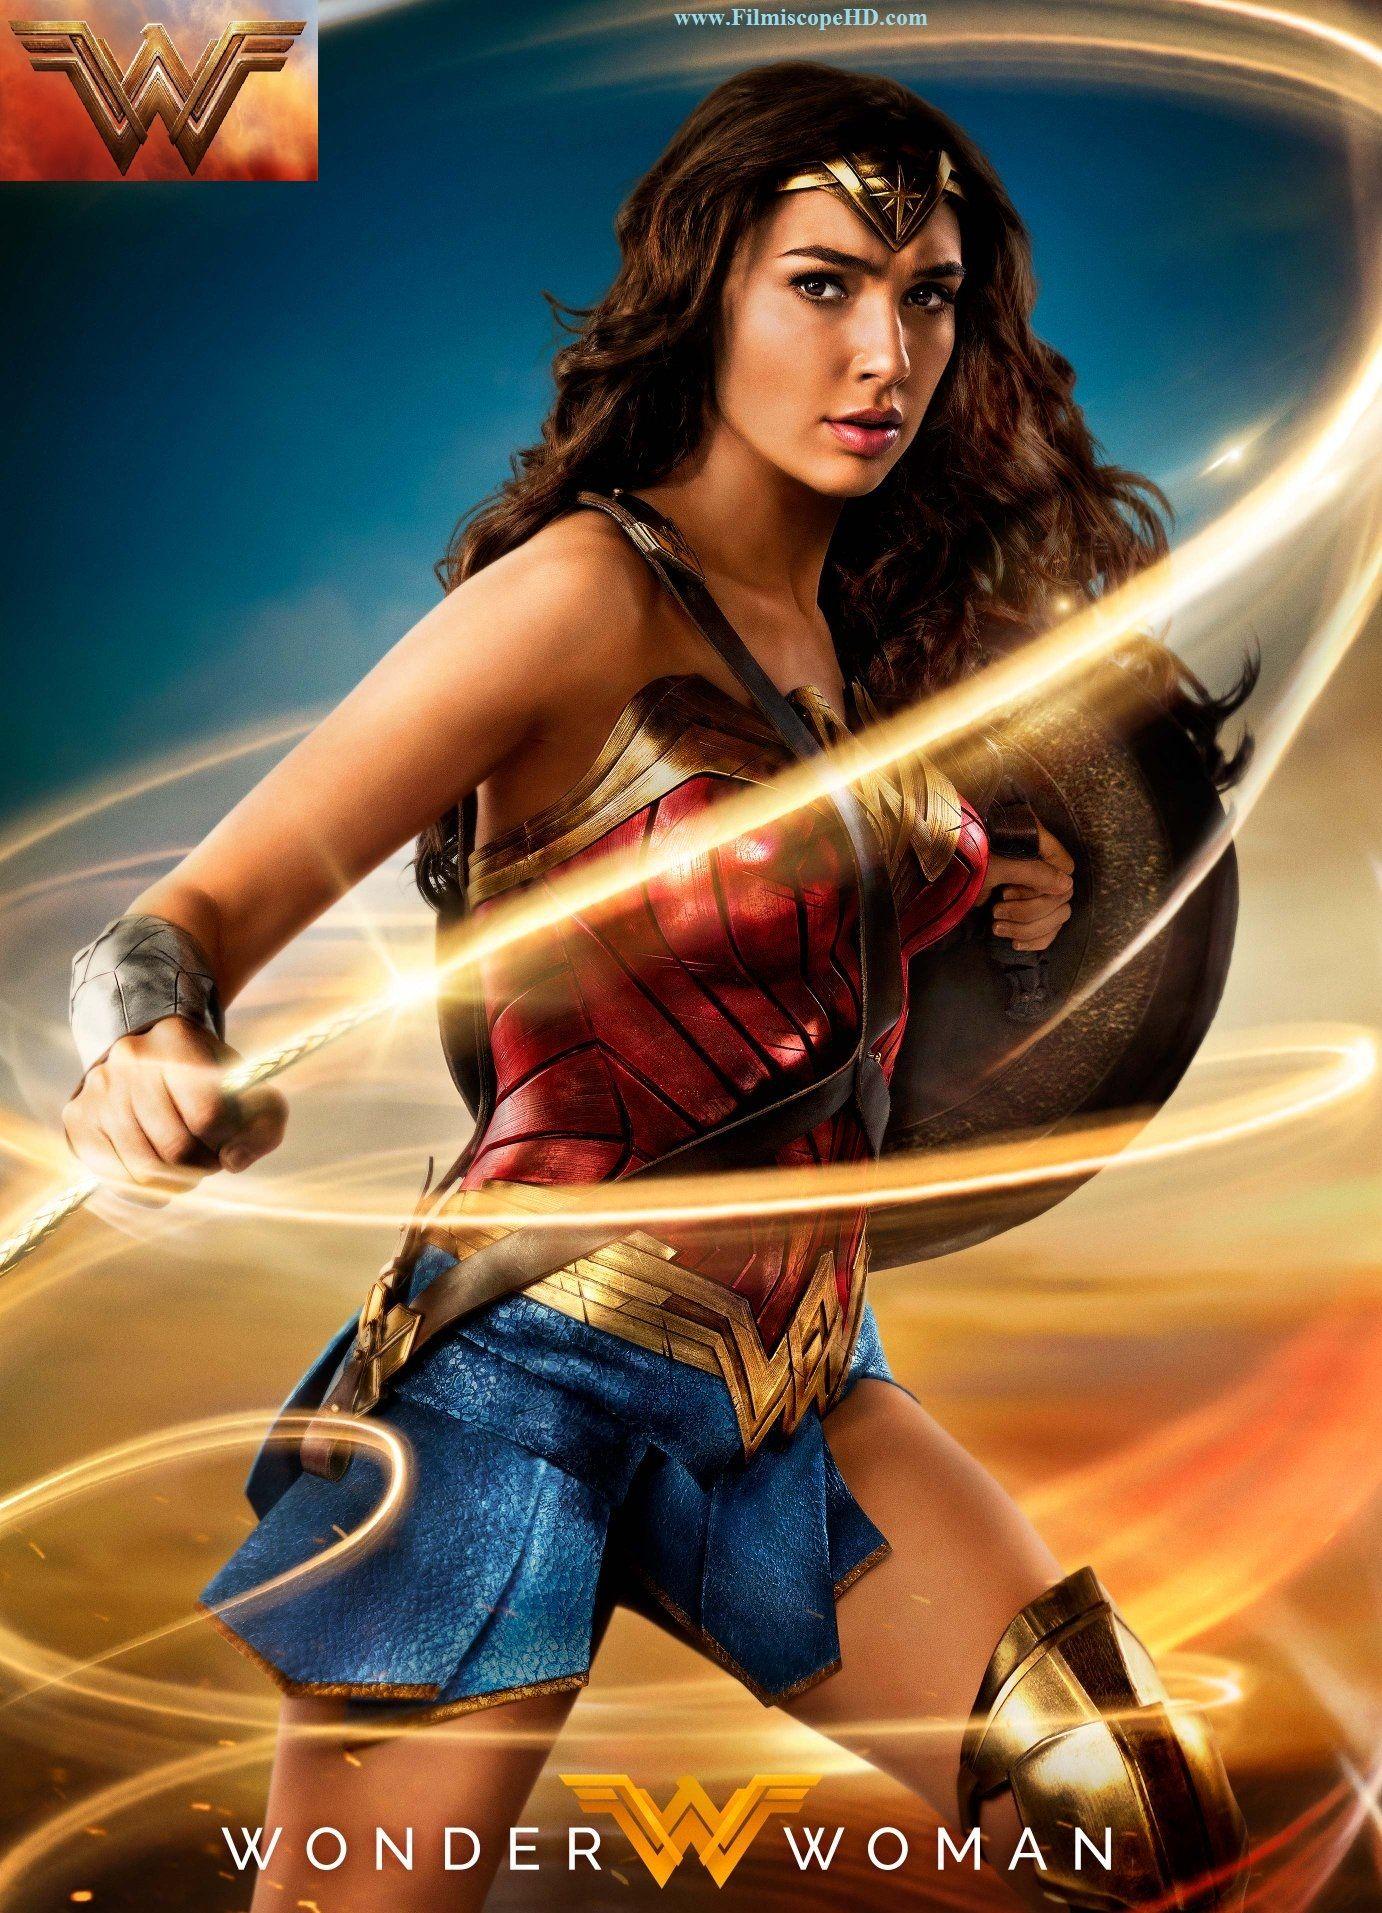 Watch wonder woman full movie online http filmiscope